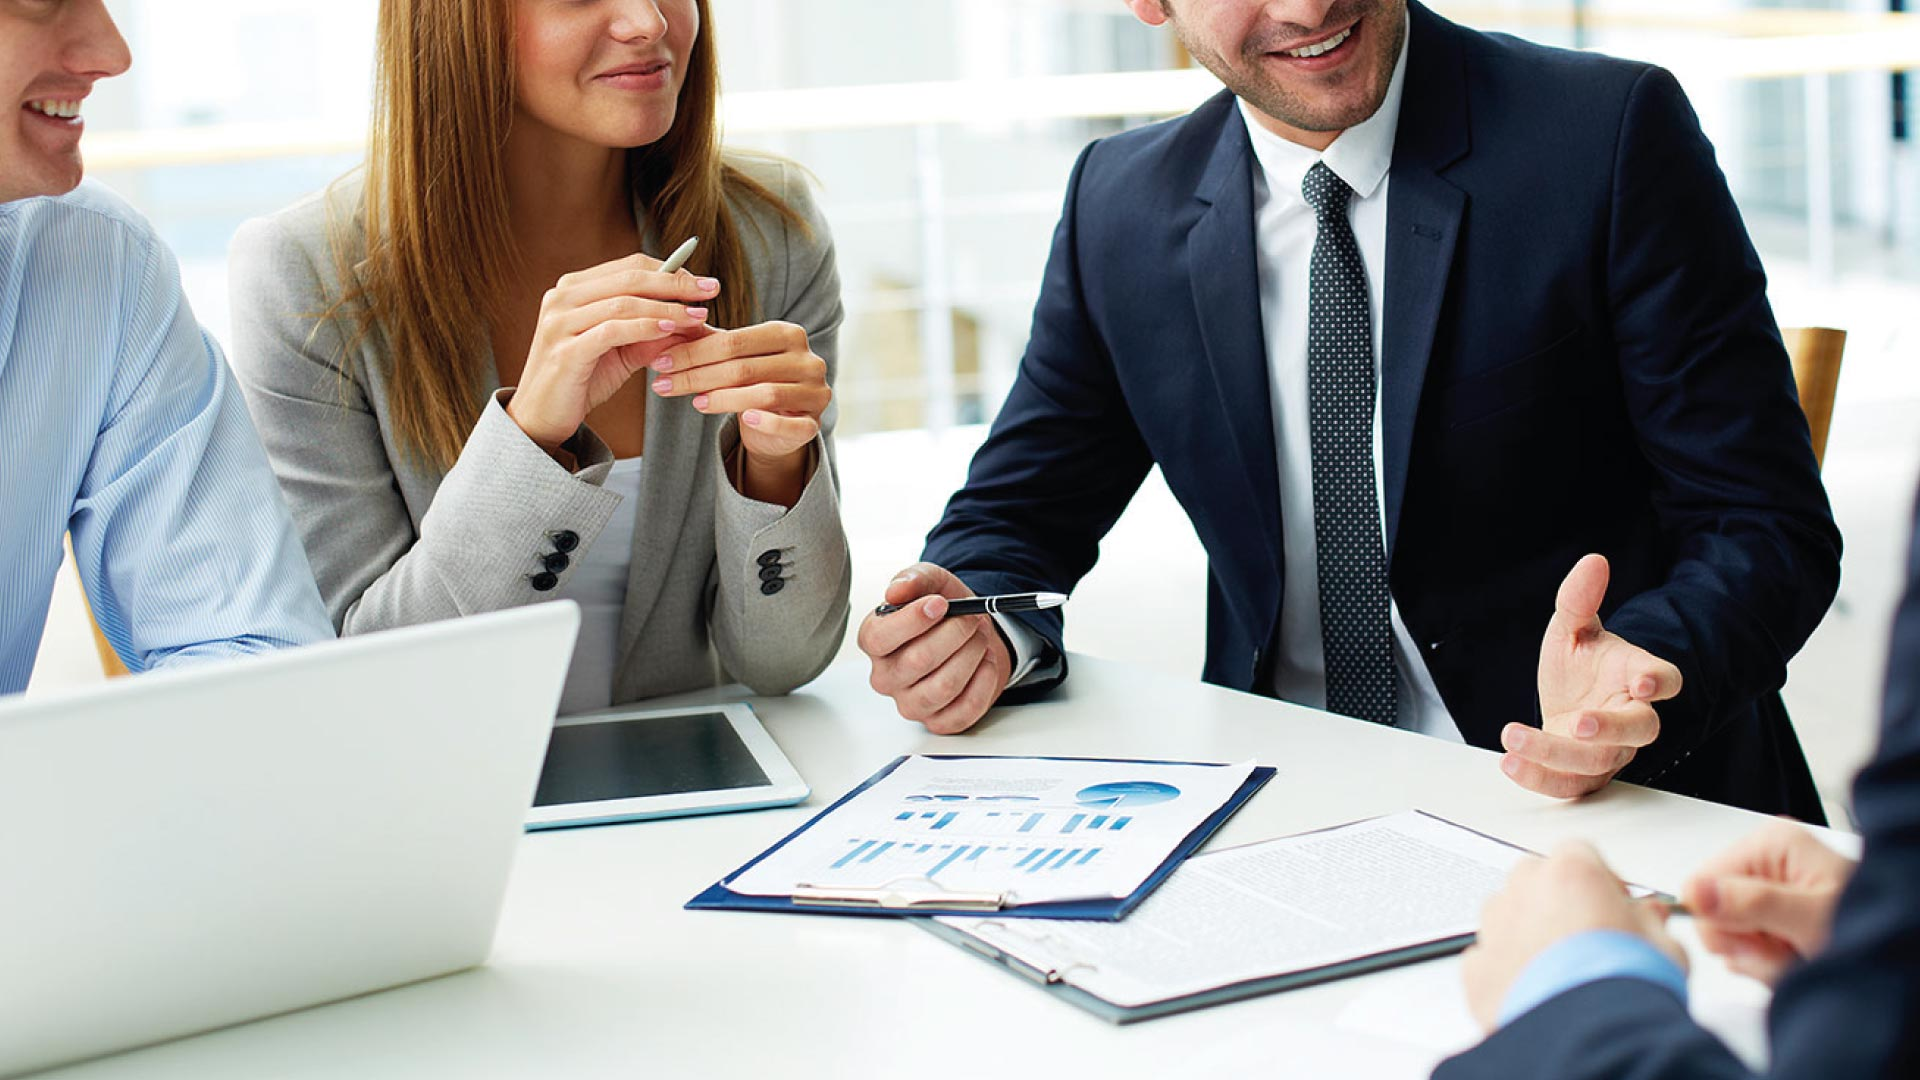 Asesoría Ureña | Asesoría de empresas y autónomos: fiscal, contable y laboral